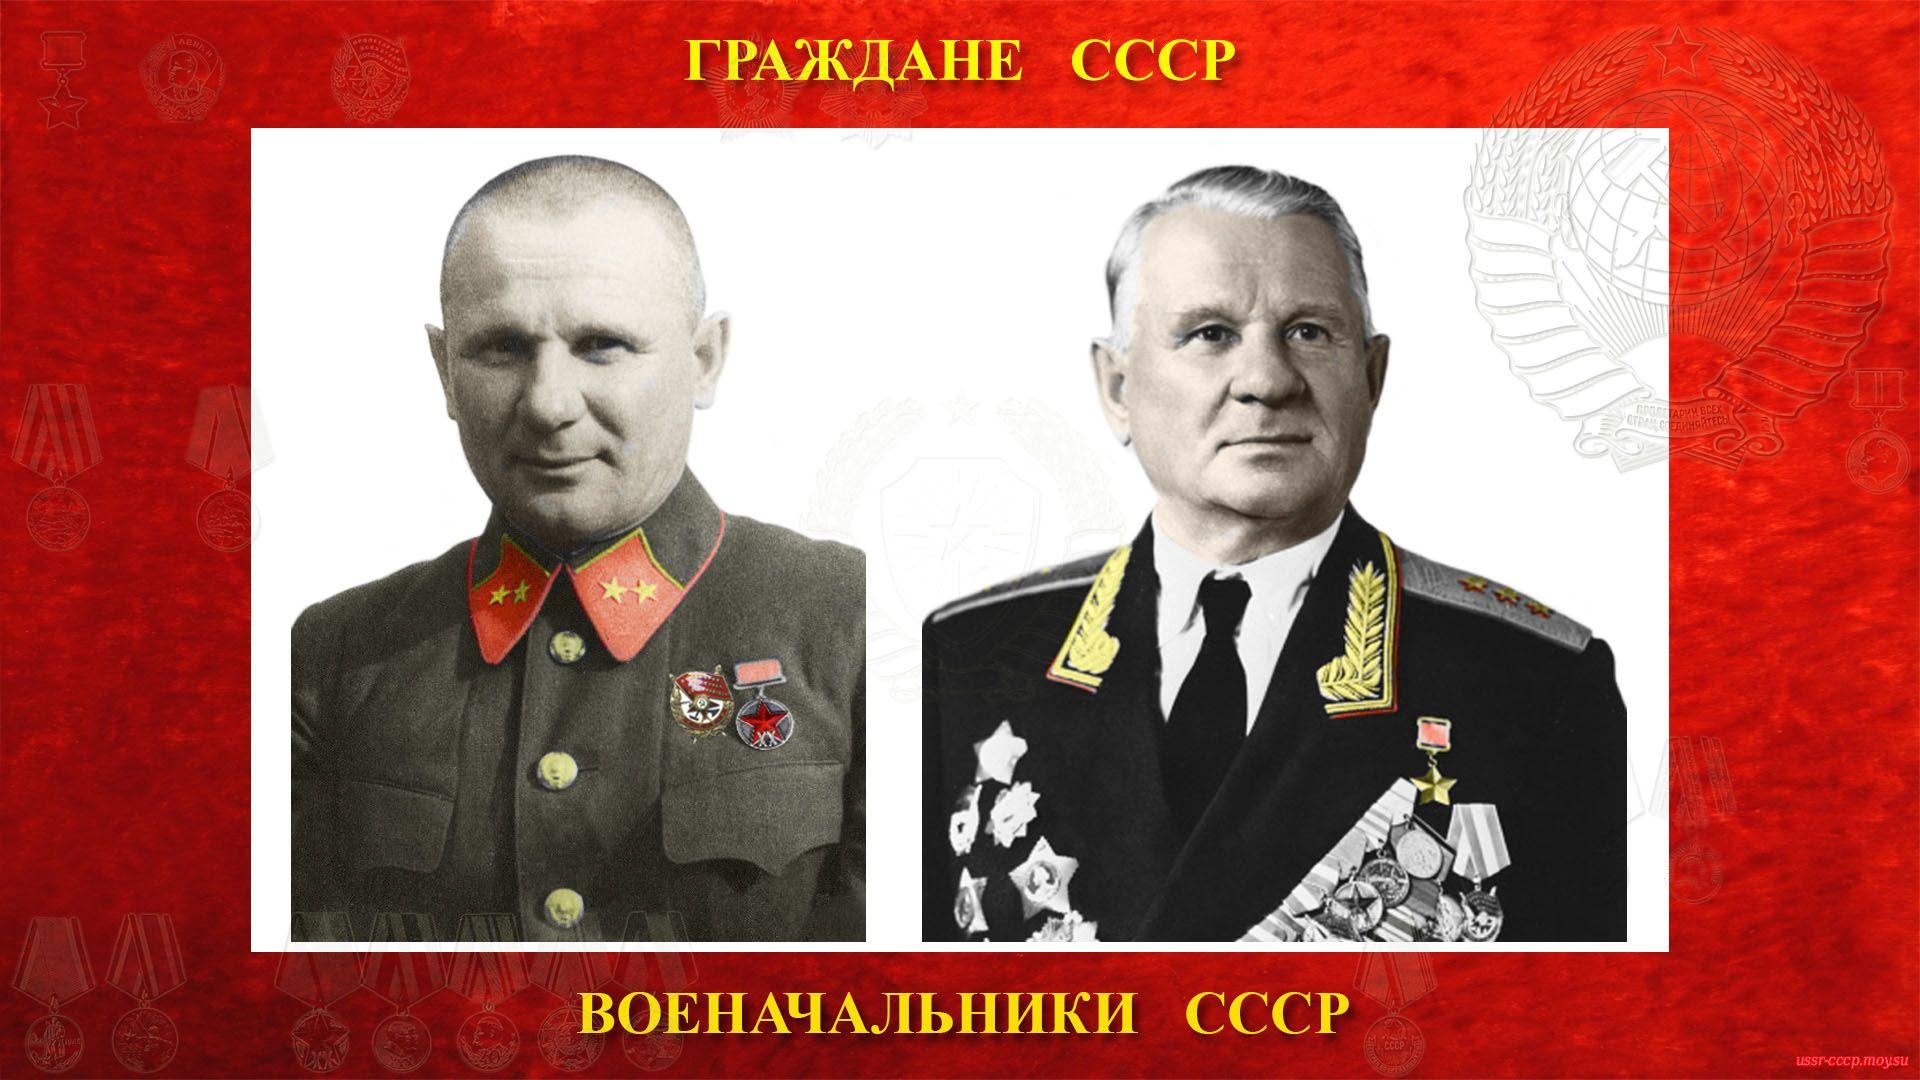 Чистяков Иван Михайлович— Советский военачальник СССР — Генерал-полковник СССР (27.09.1900 — 07.03.1979)